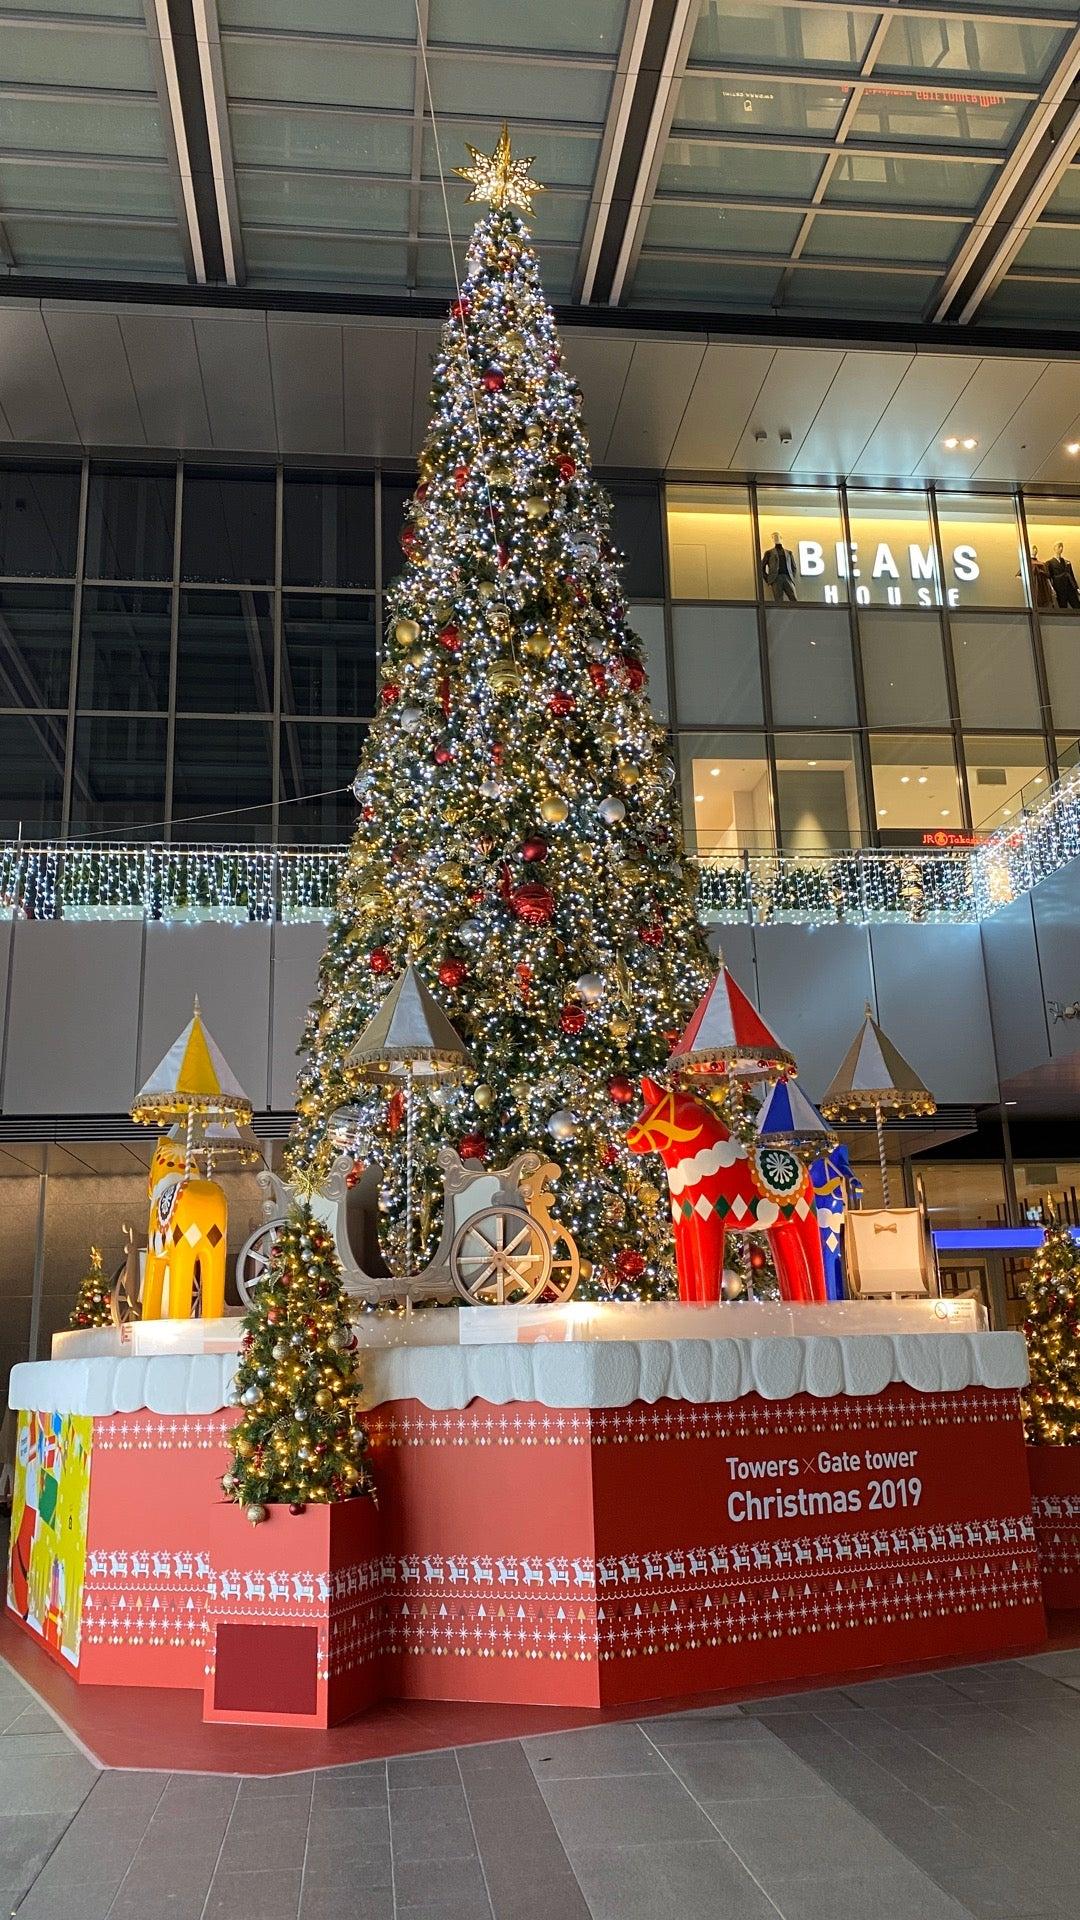 クリスマスツリー (@ 名古屋駅 in 名古屋市, 愛知県) https://t.co/B44PgveO80 https://t.co/xbREgcPSns